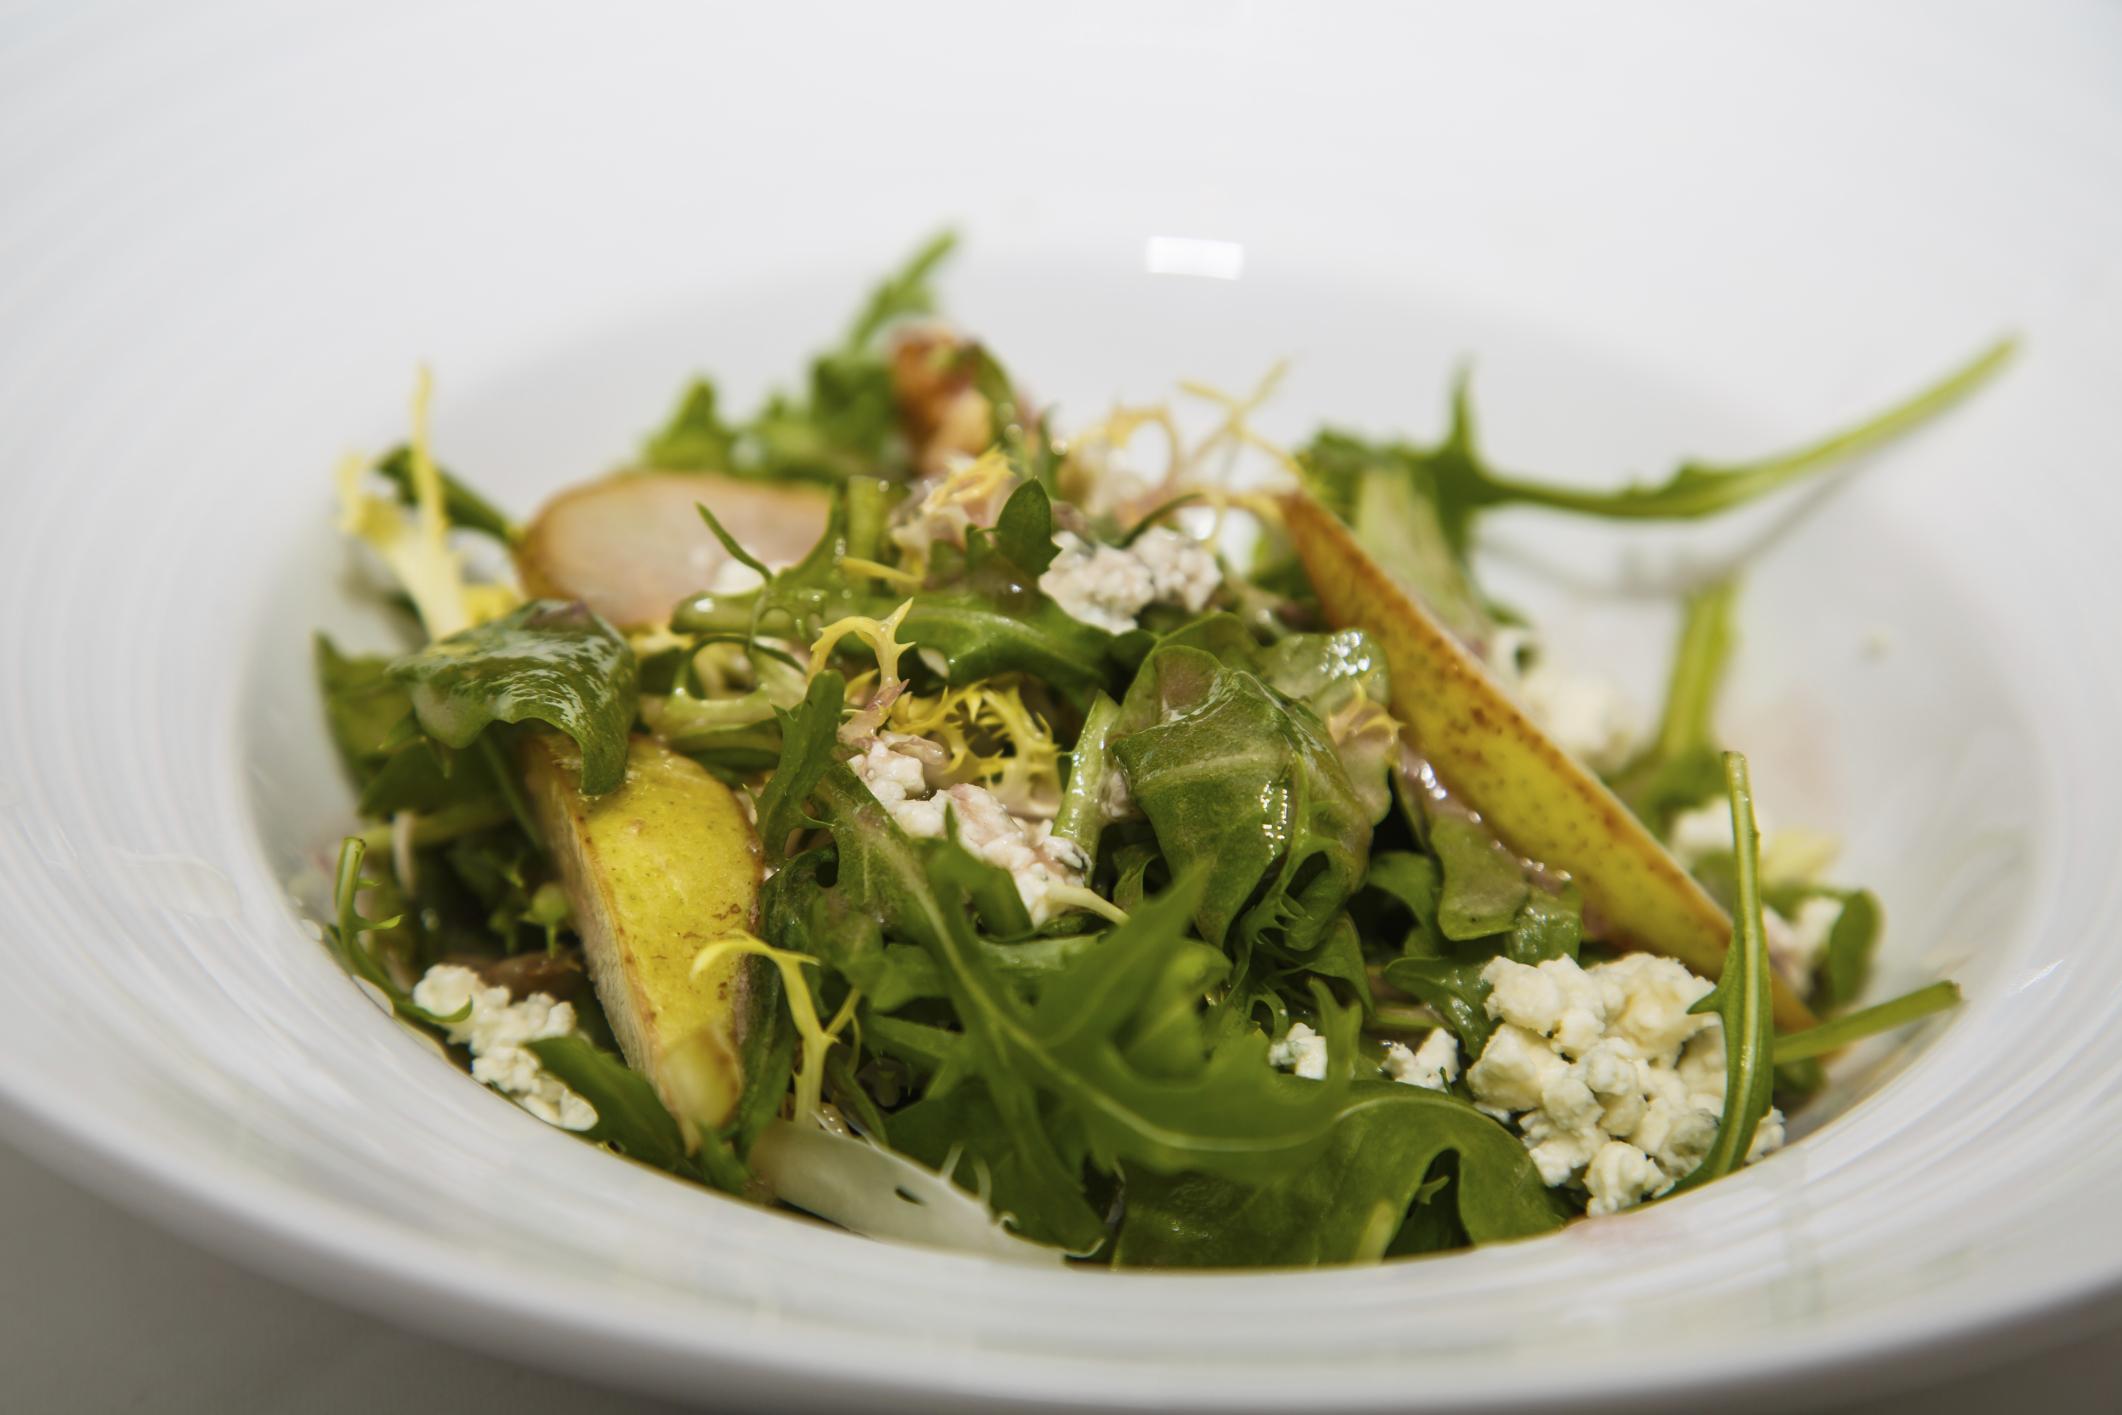 Ensalada de rúcula, pera y queso gorgonzola